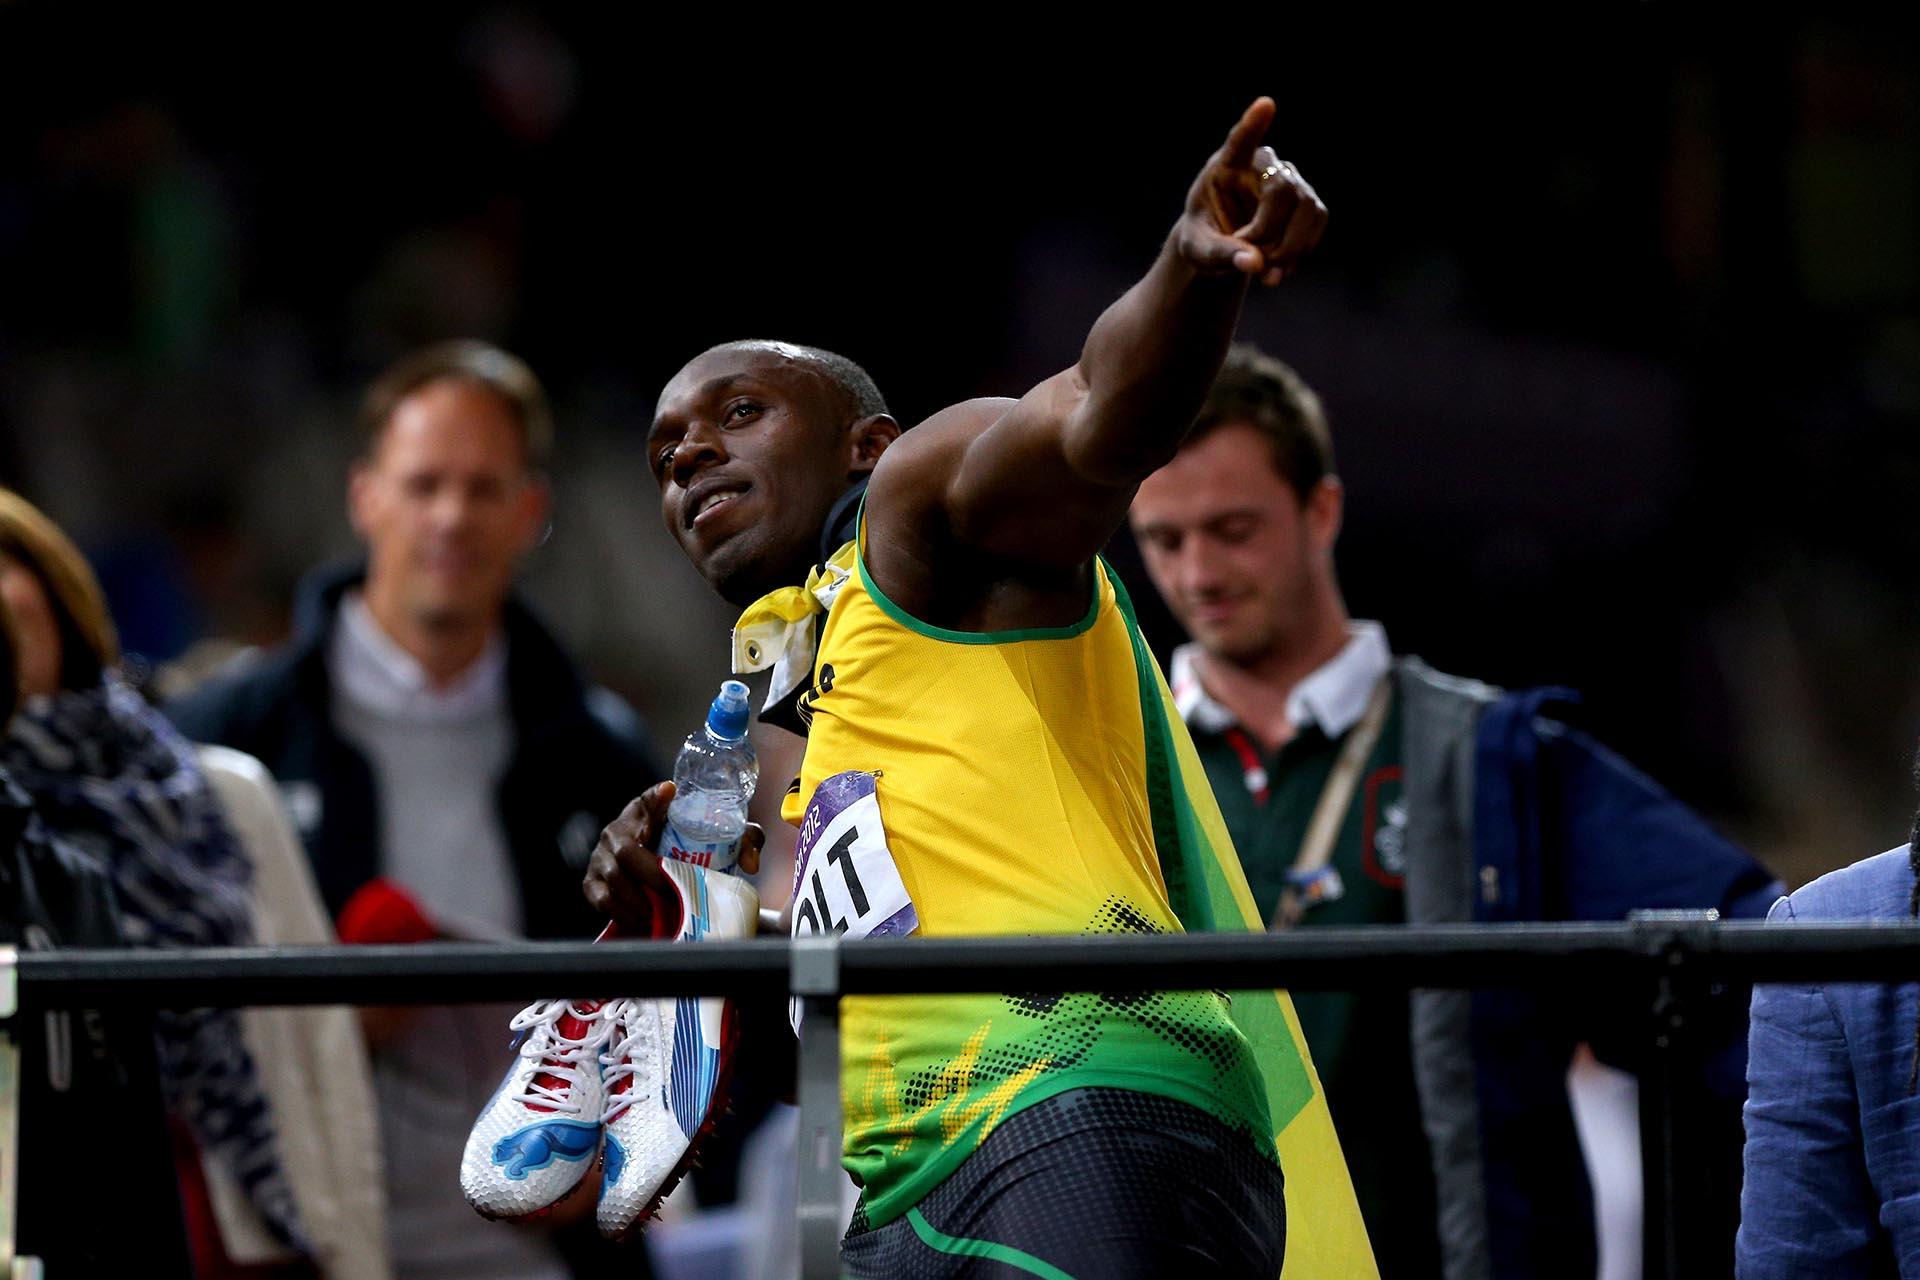 En Londres,Usain Bolt ganó una nueva medalla de oro olímpica en los 100 metros (Getty Images)